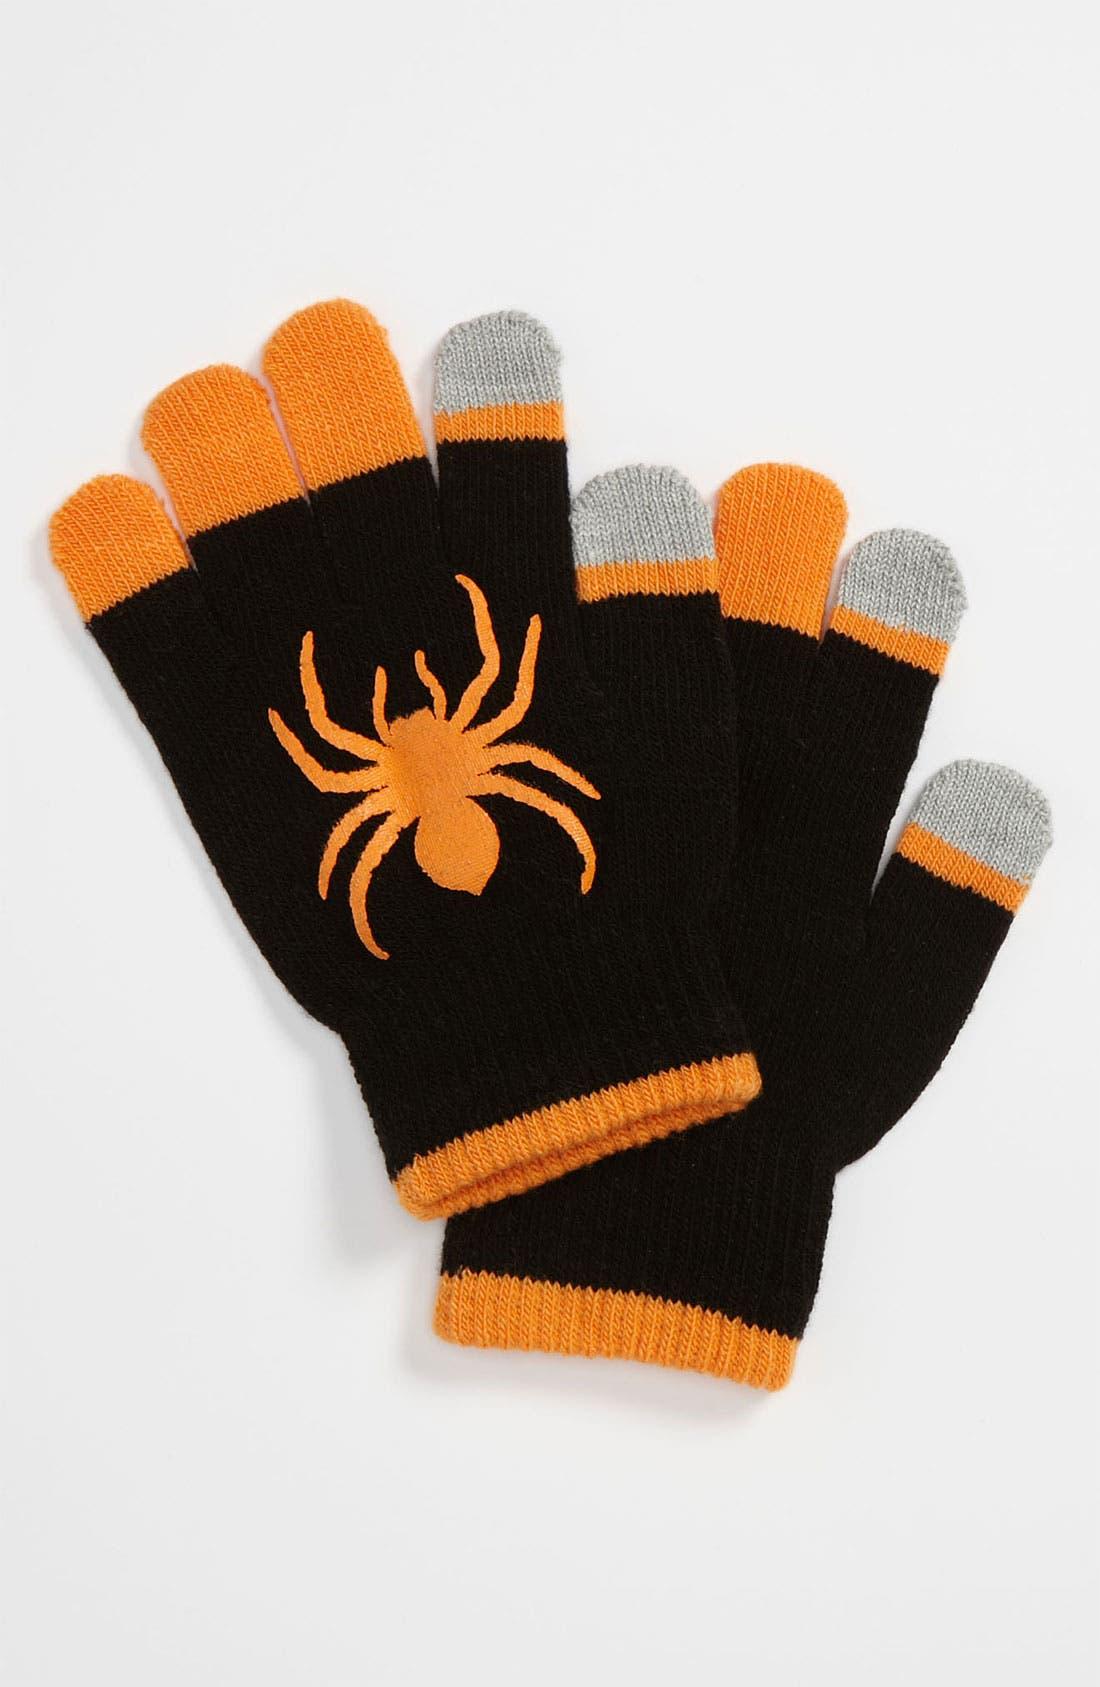 Main Image - Nolan Glove 'Spider' Gloves (Little Boys)